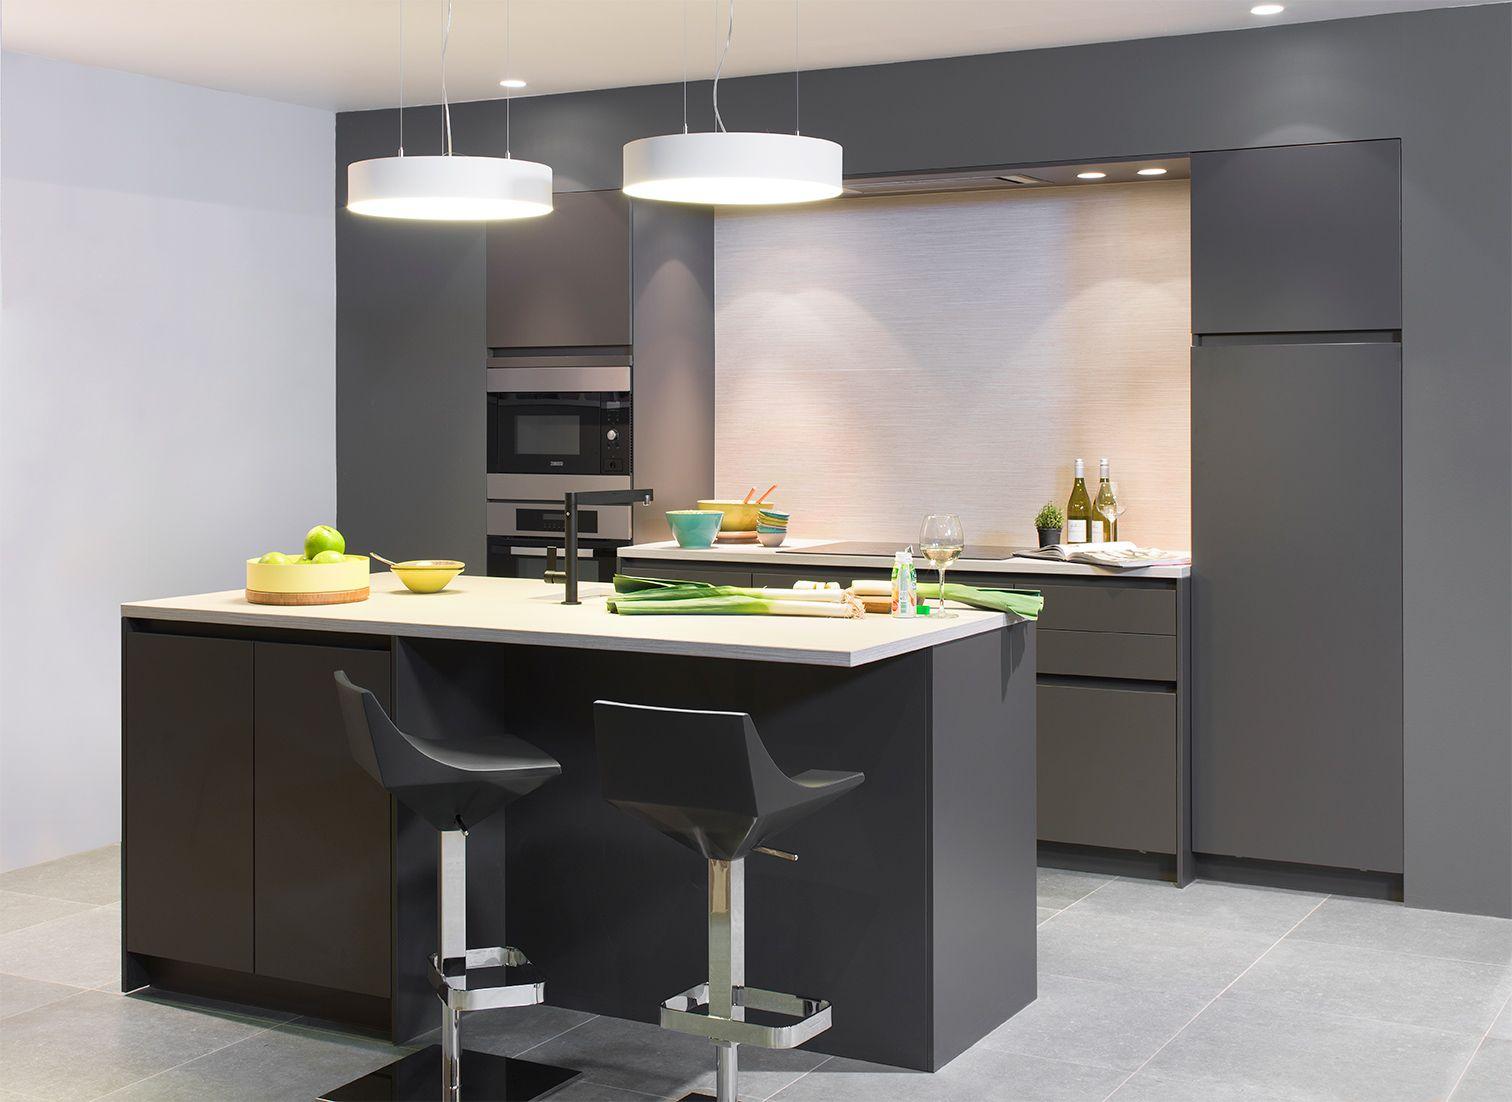 Verlichting keukeneiland google zoeken keukenverlichting